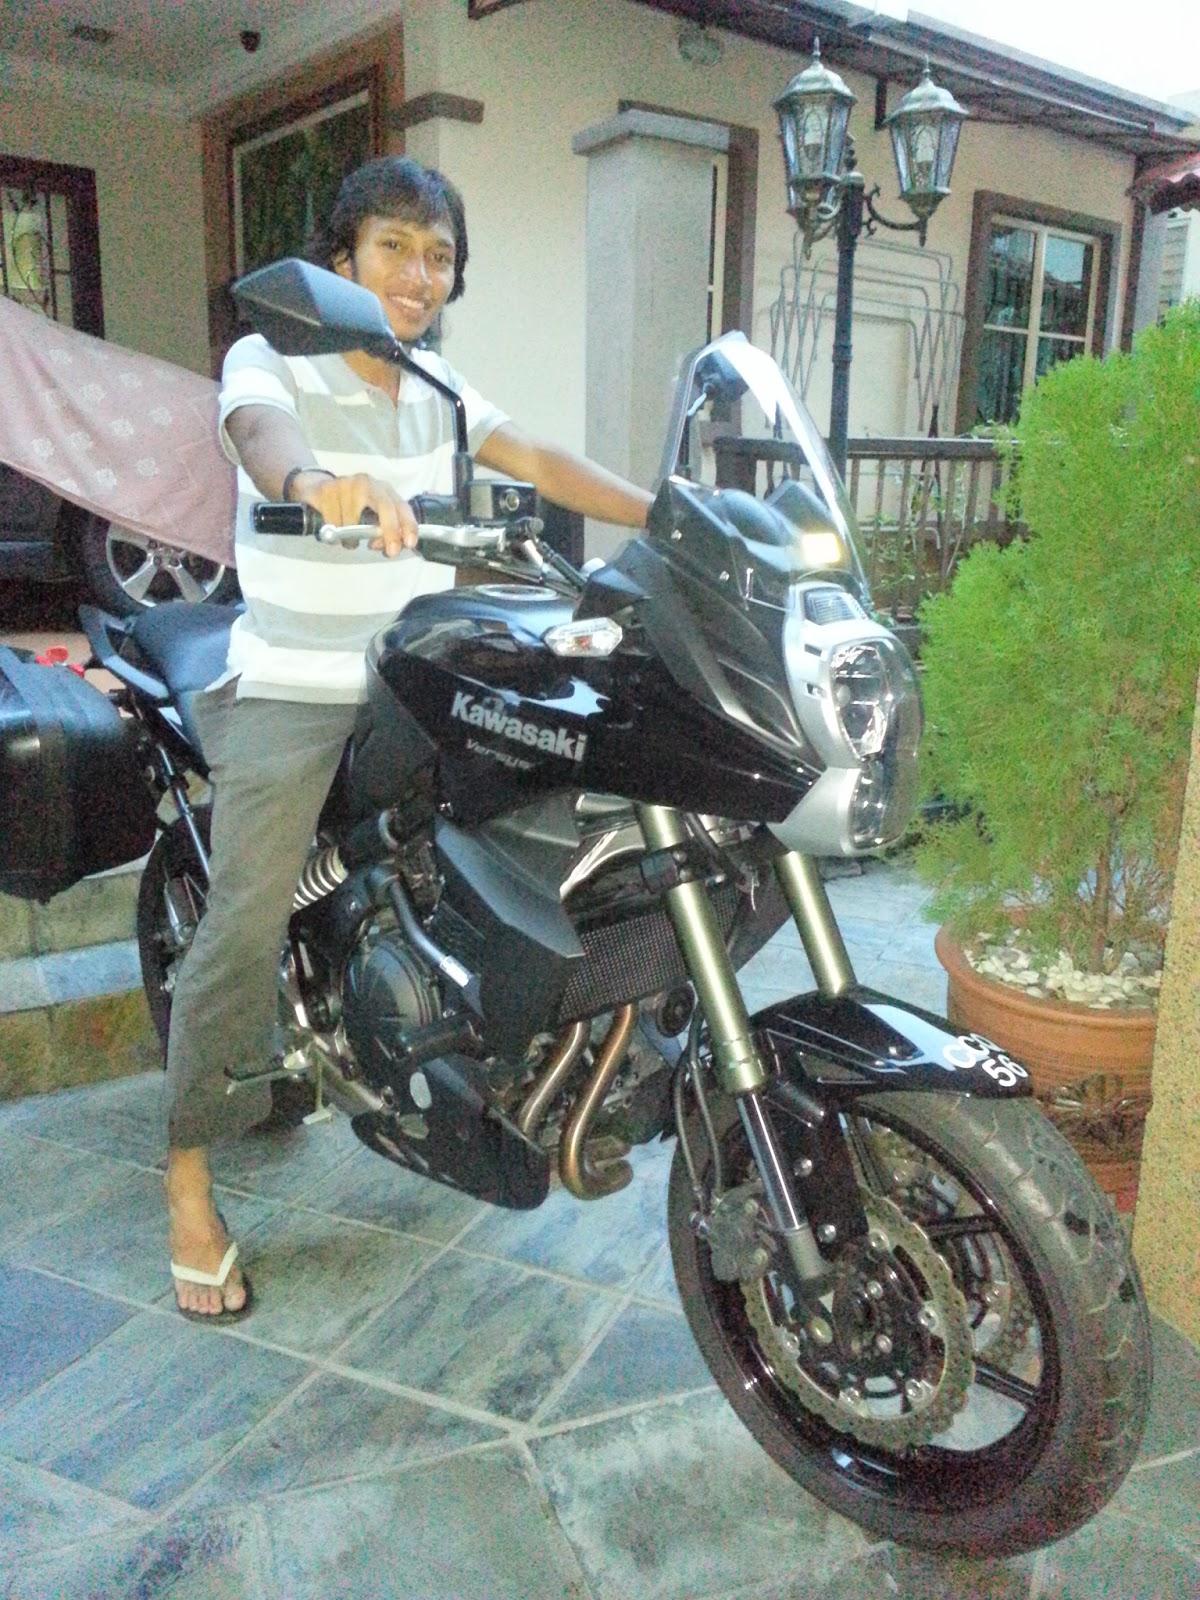 Kawasaki Versys Specifications Malaysia